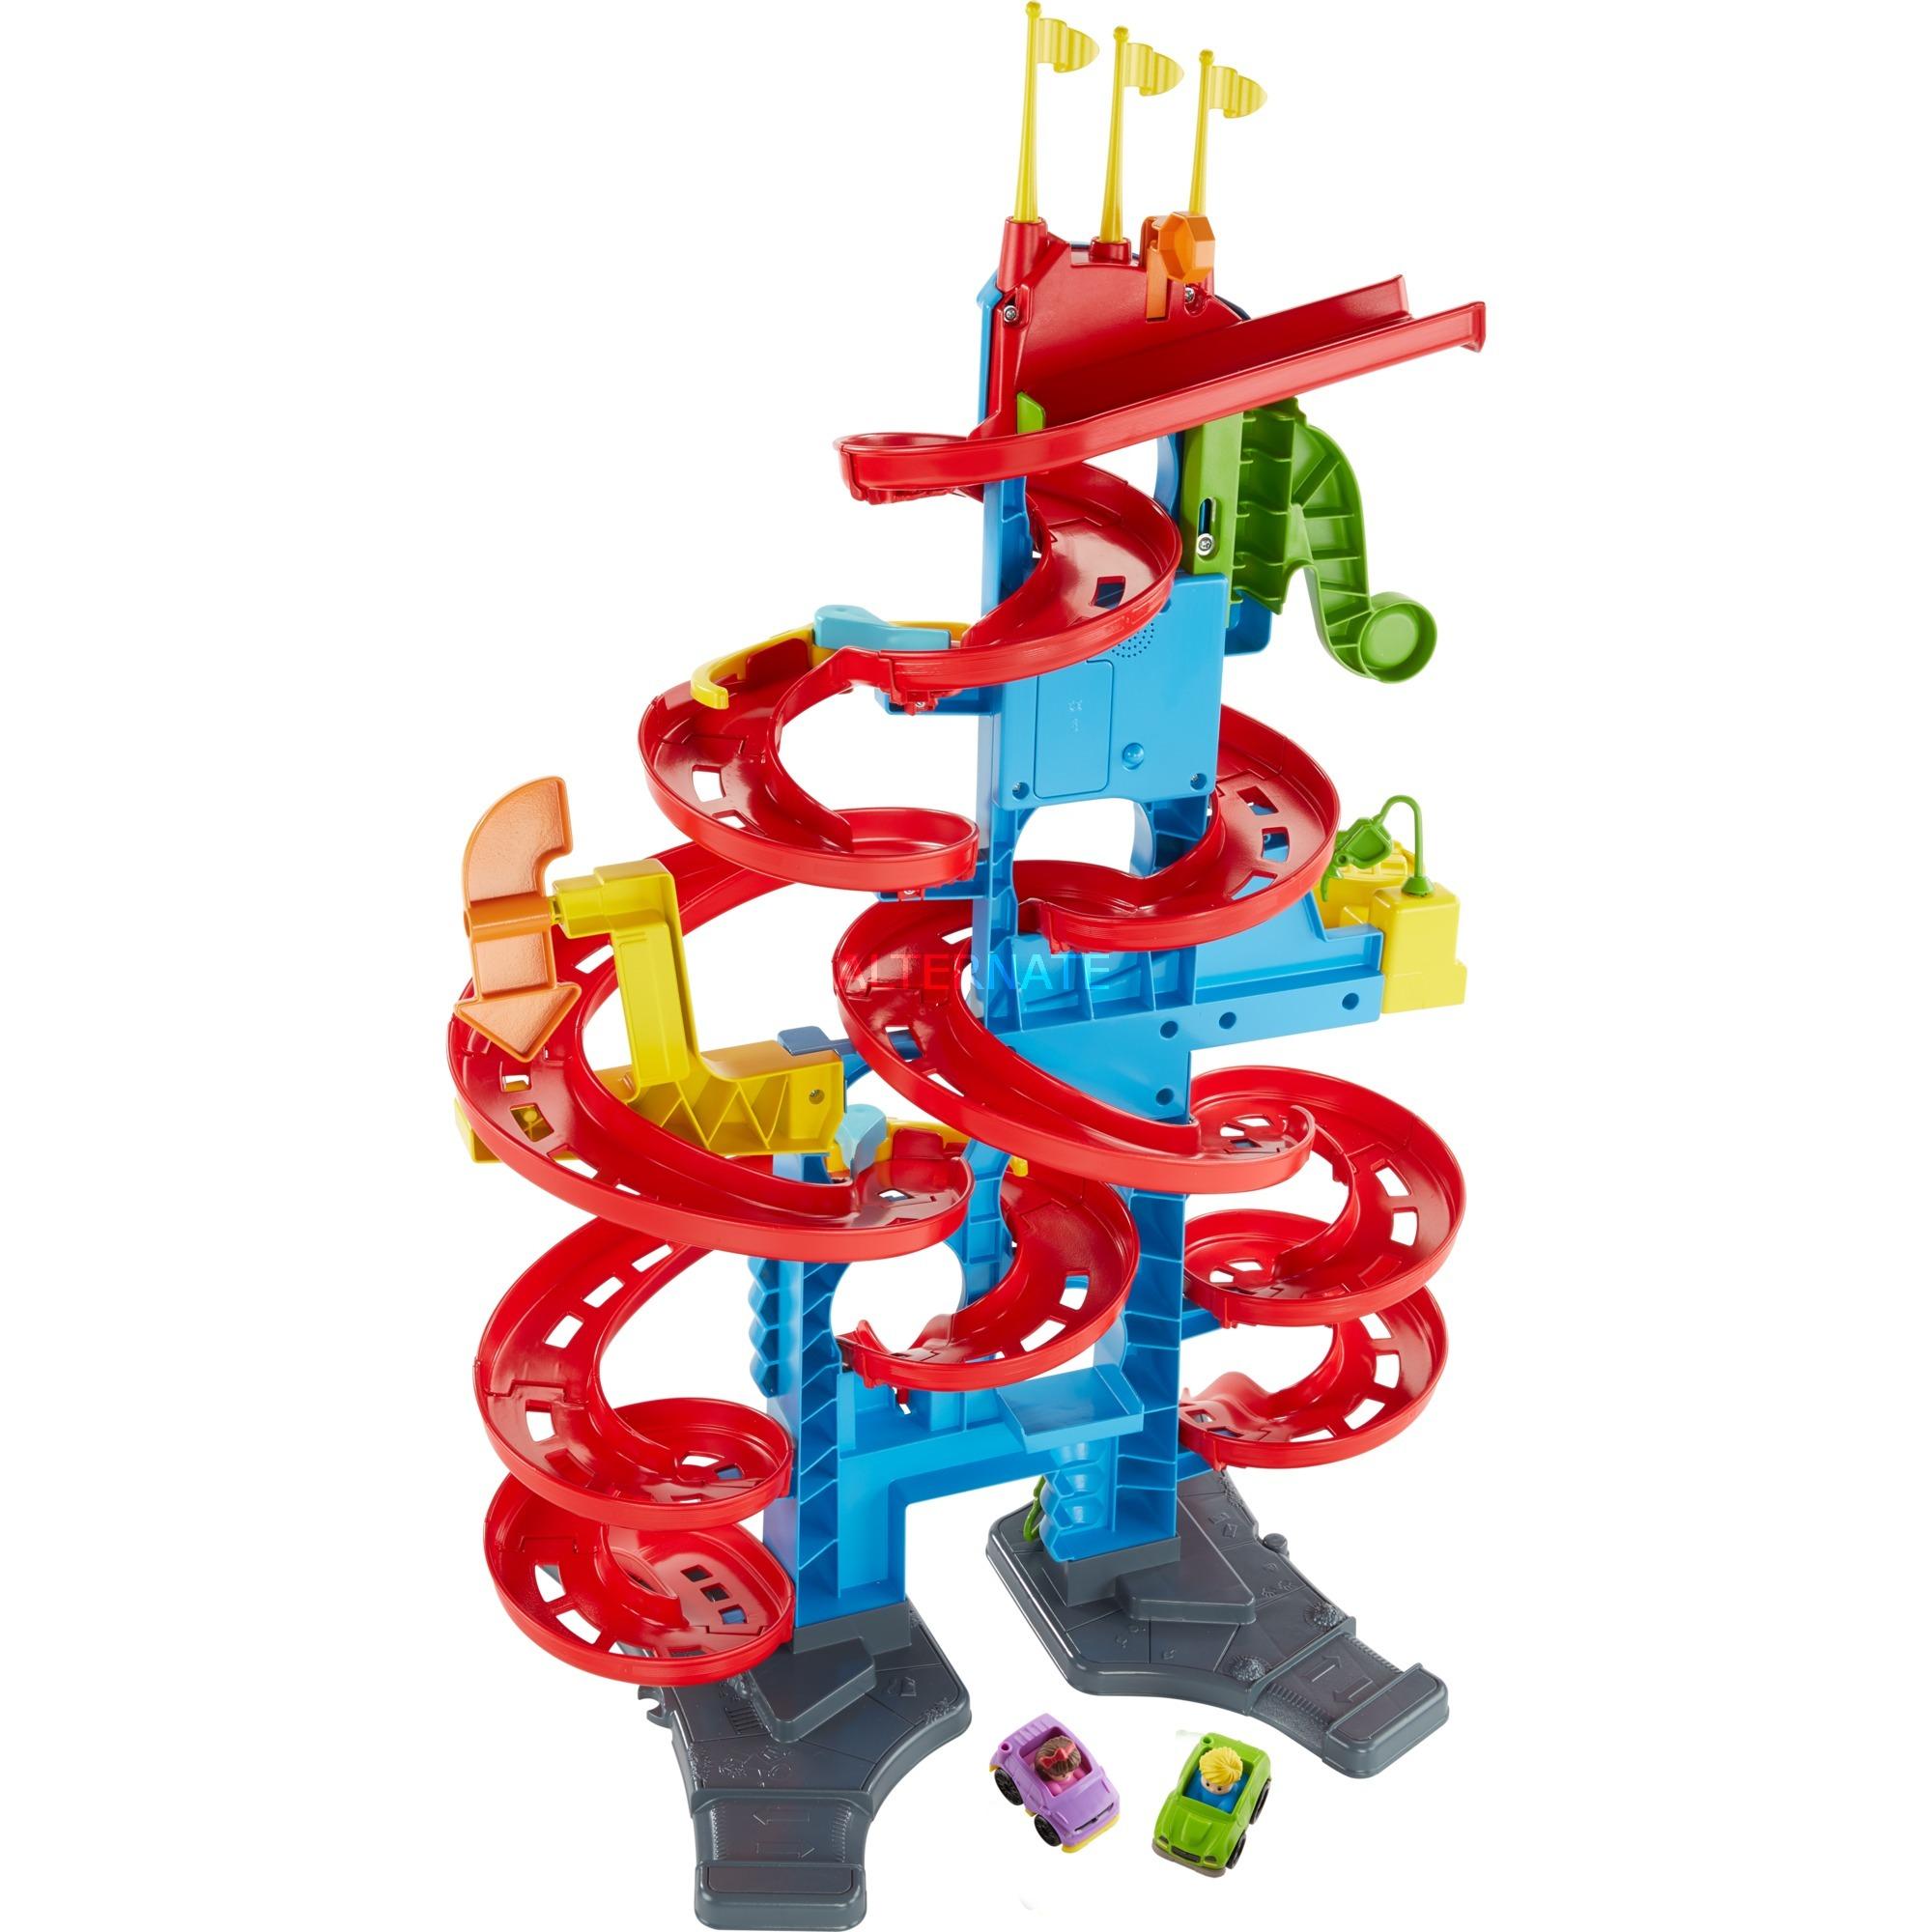 Little People FXK59 pista para vehículos de juguete De plástico, Pistas de carreras